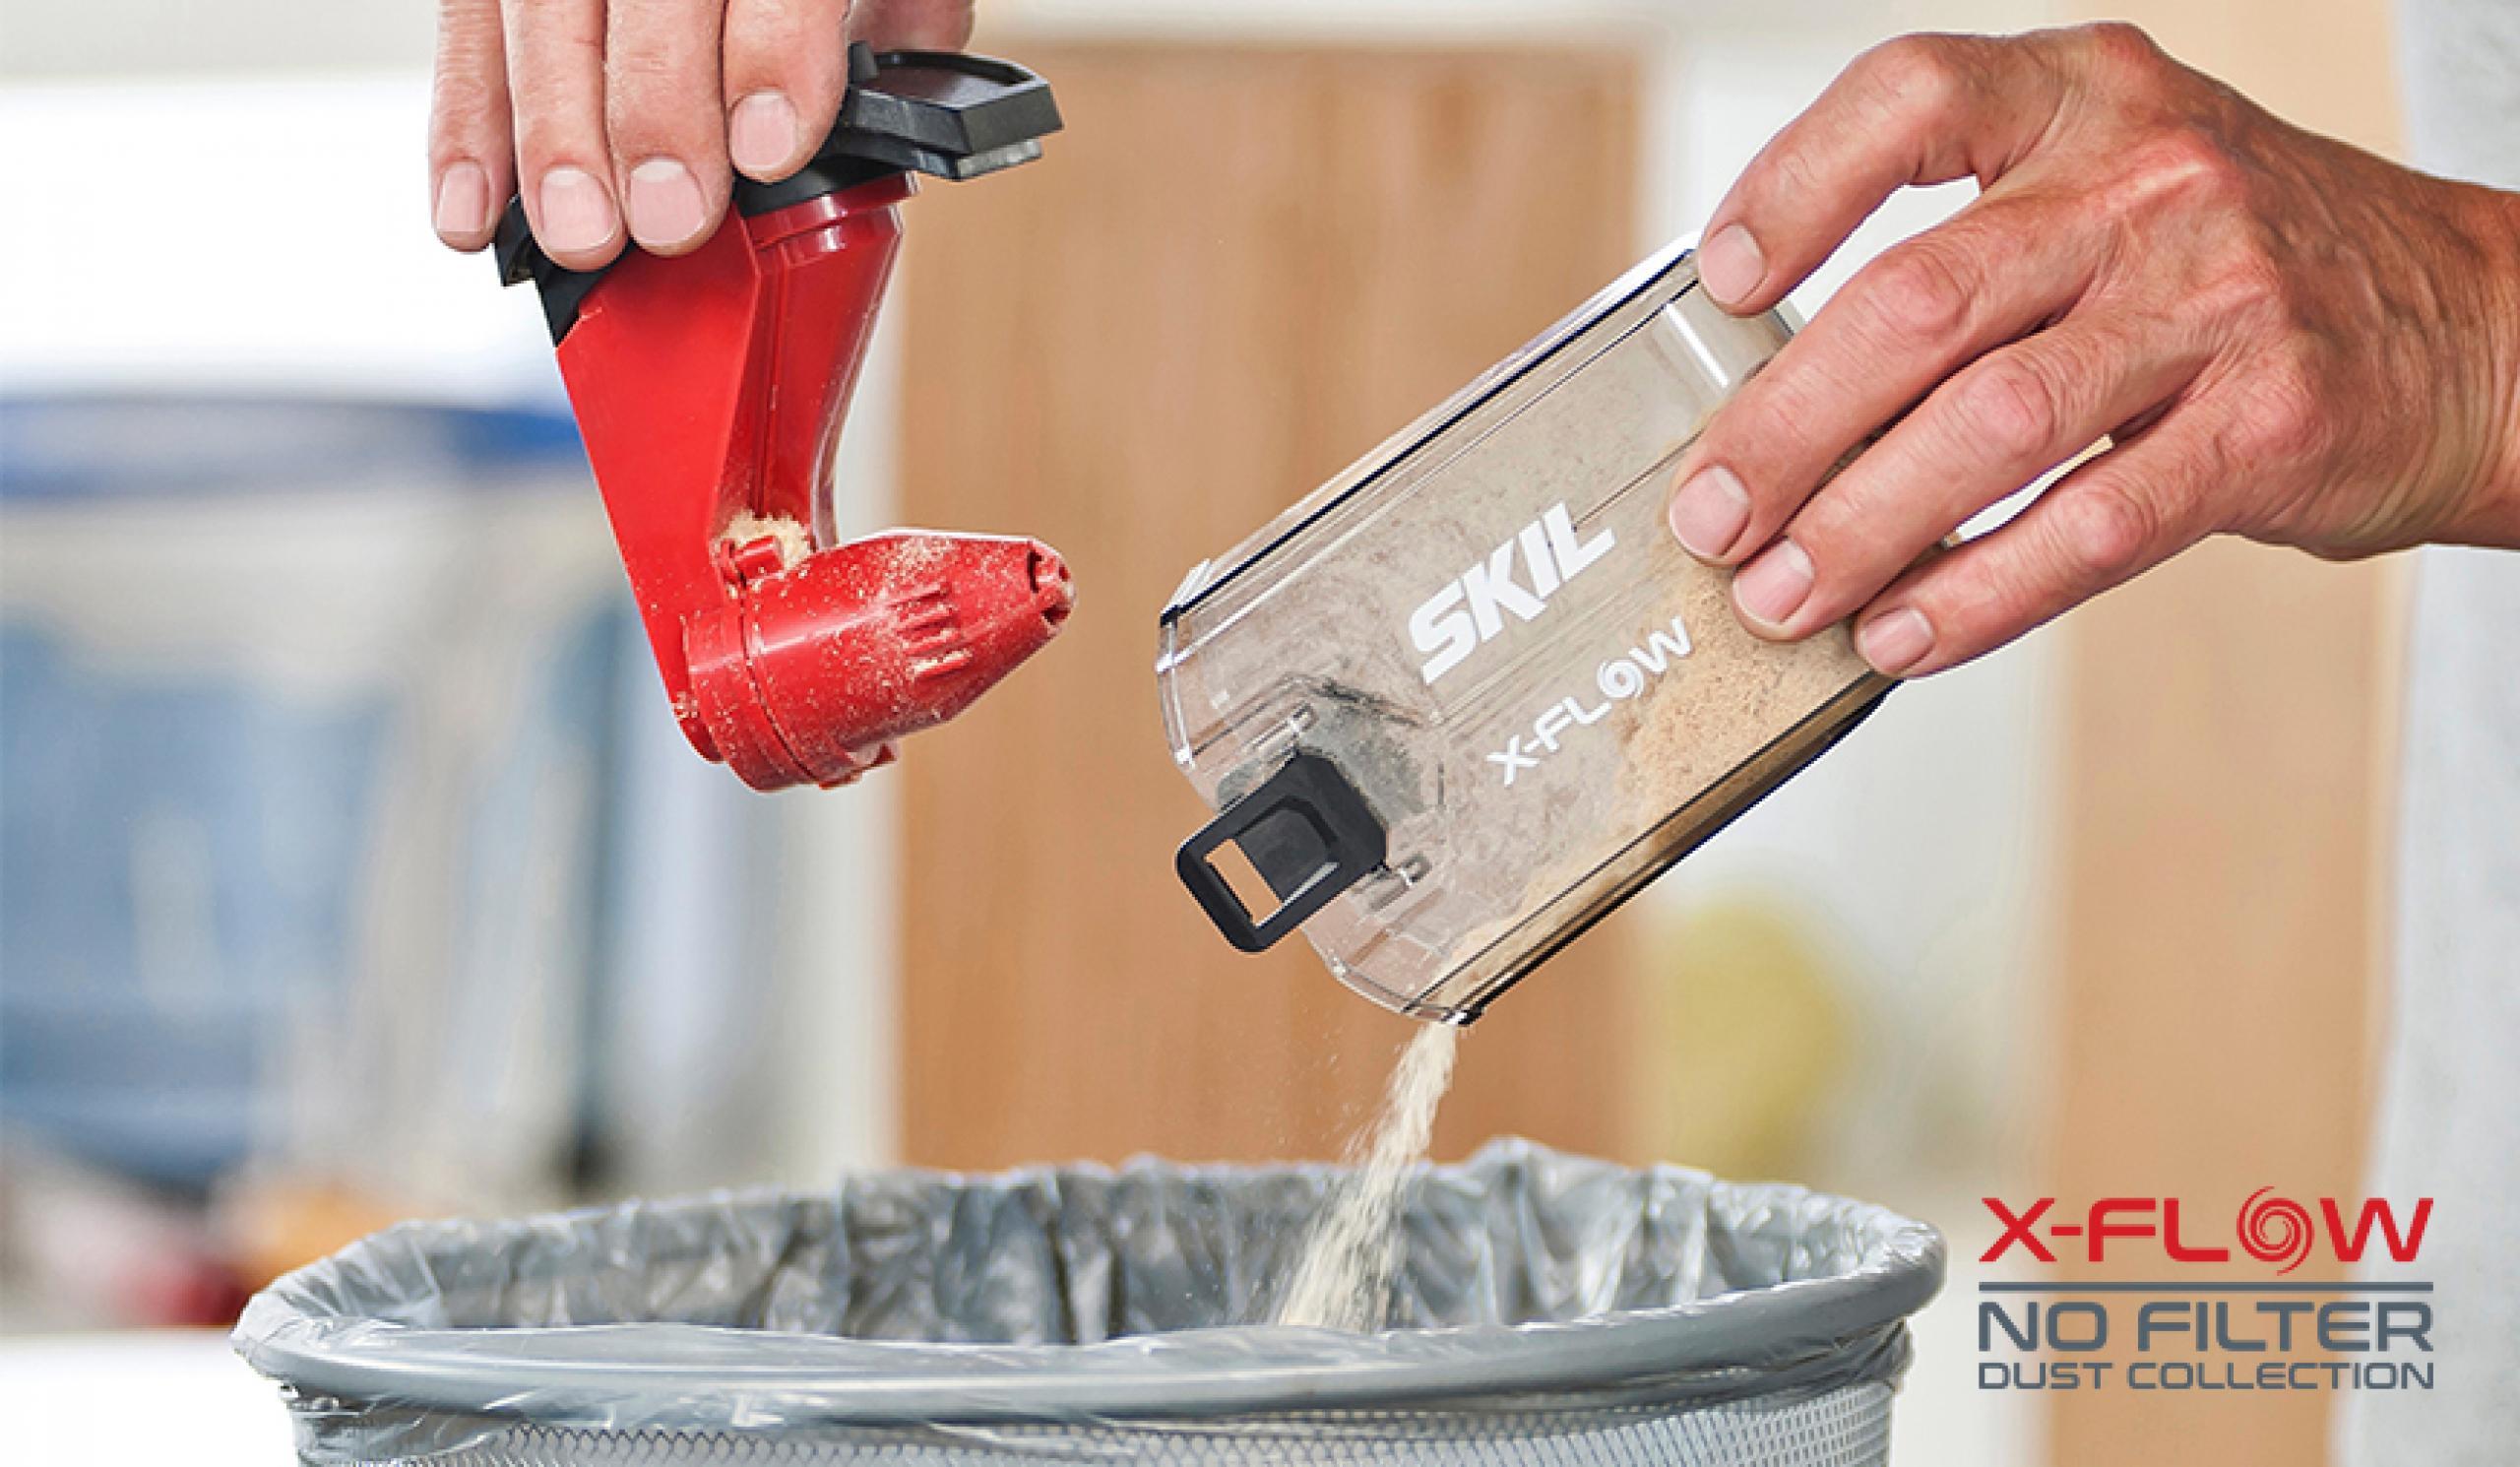 X-Flow è molto efficace nell'aspirazione di polvere senza causare ostruzioni